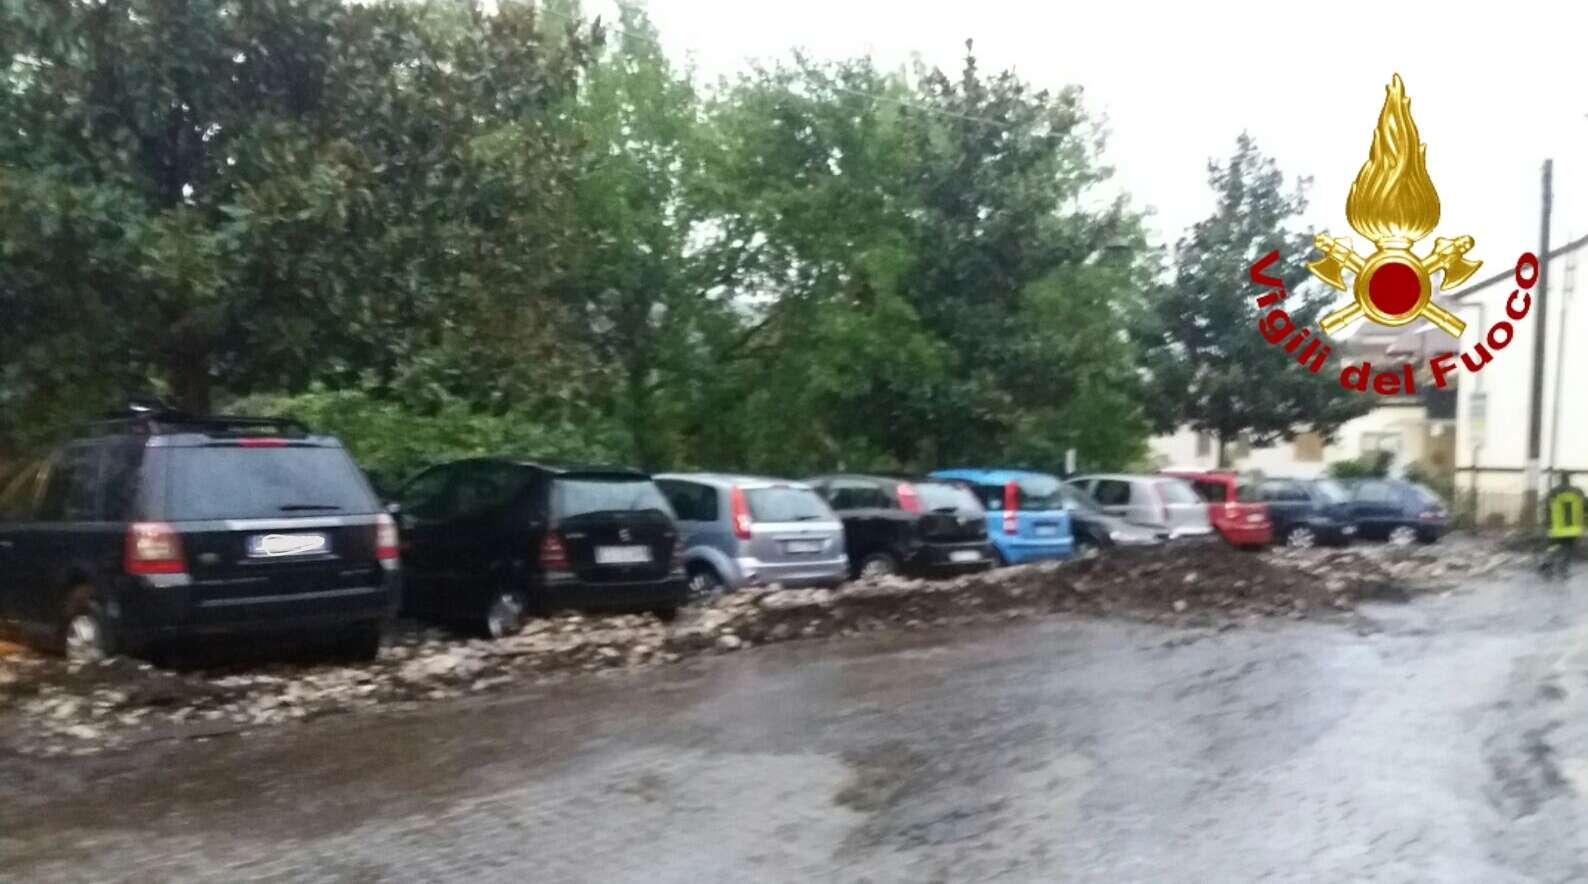 Maltempo in Campania. Slavina di fango nell'Avellinese, vento e pioggia a Napoli